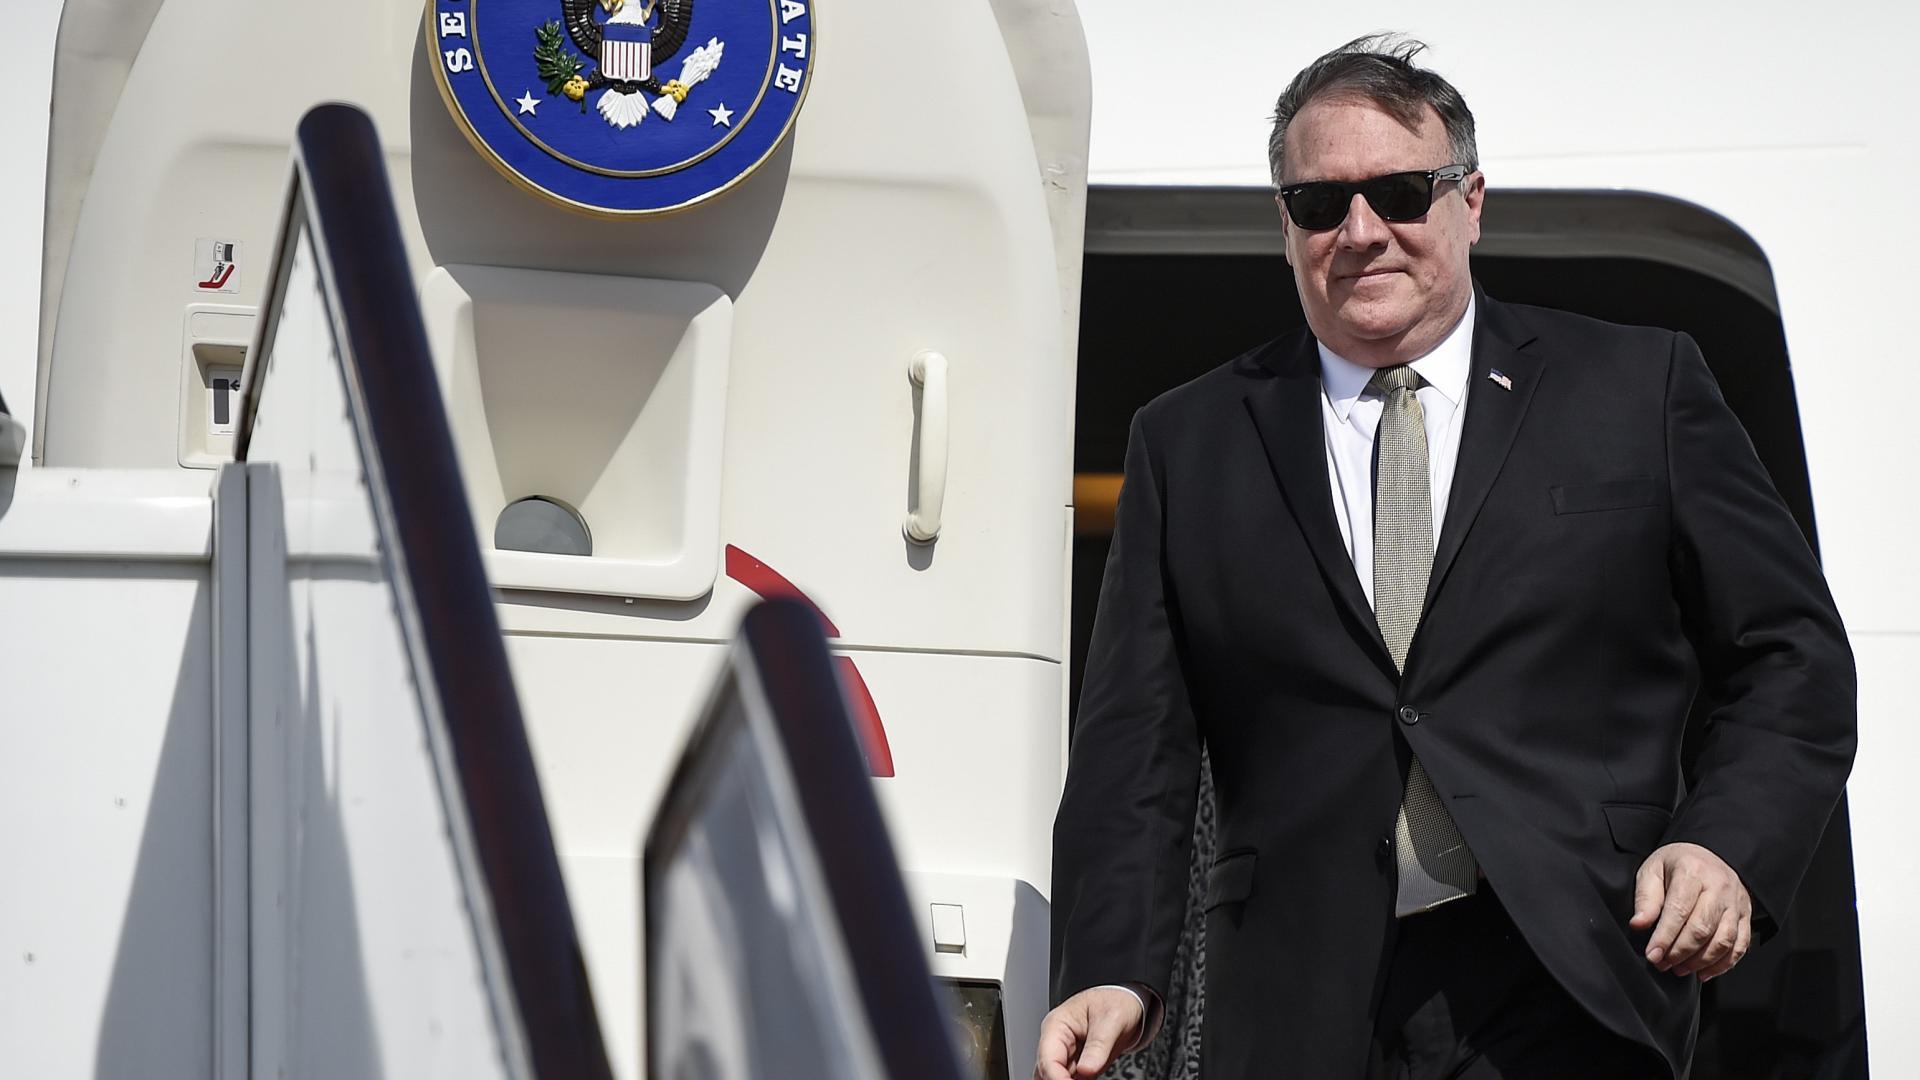 """الخارجية الأمريكية: وحدة مجلس التعاون الخليجي ضرورية لمواجهة """"أكبر تهديد"""""""